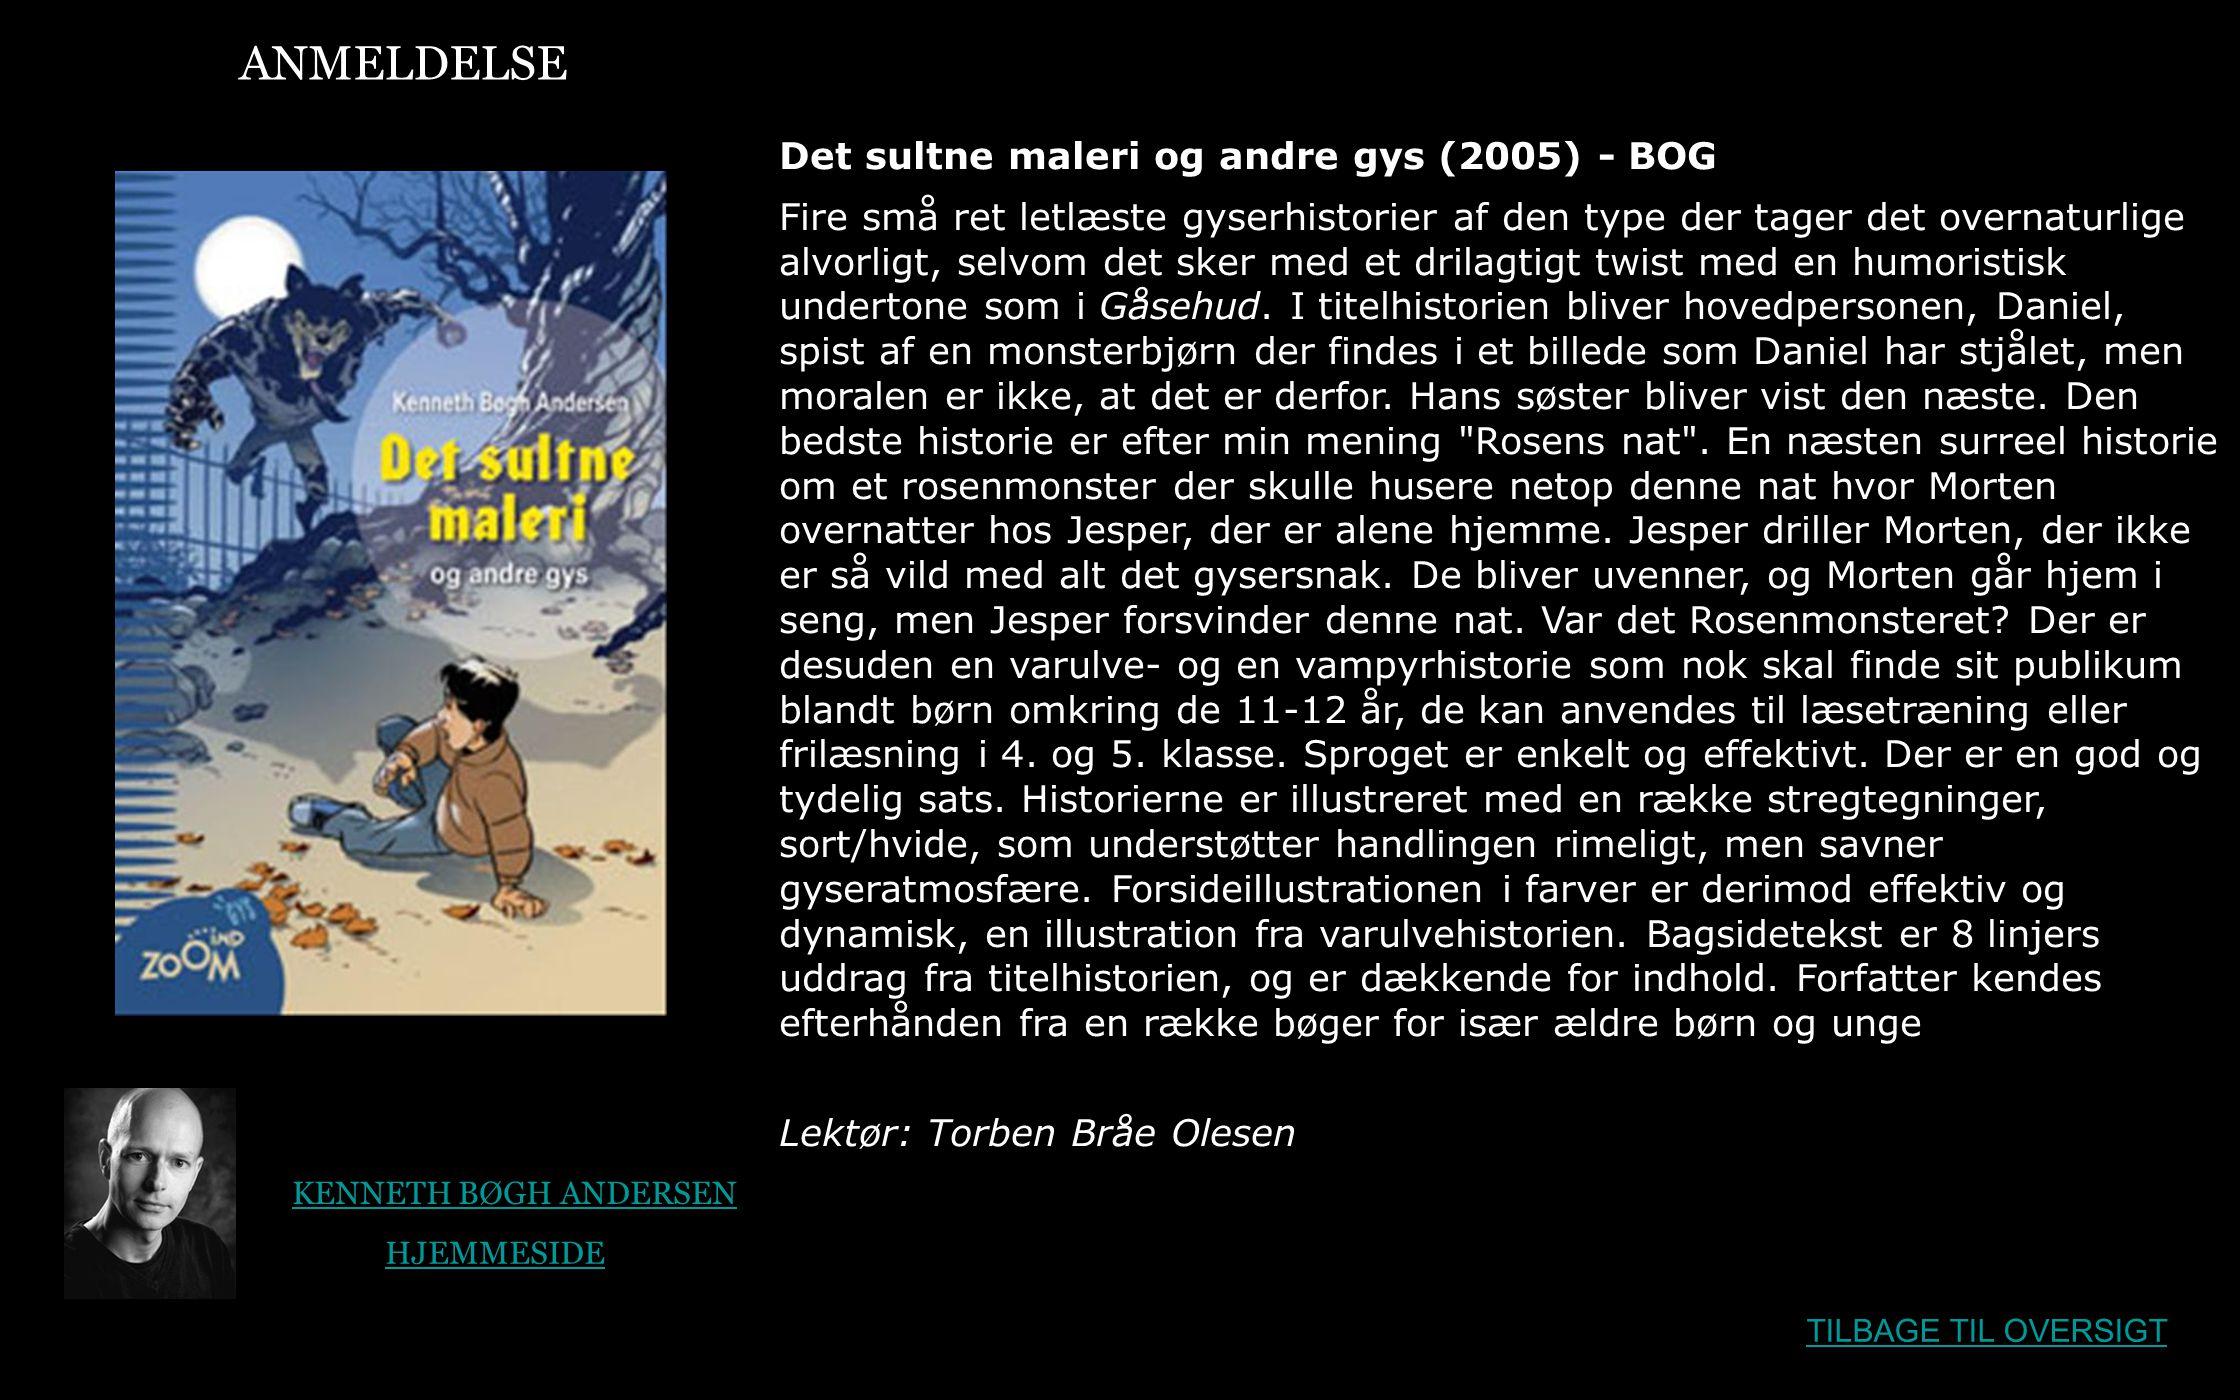 ANMELDELSE Det sultne maleri og andre gys (2005) - BOG